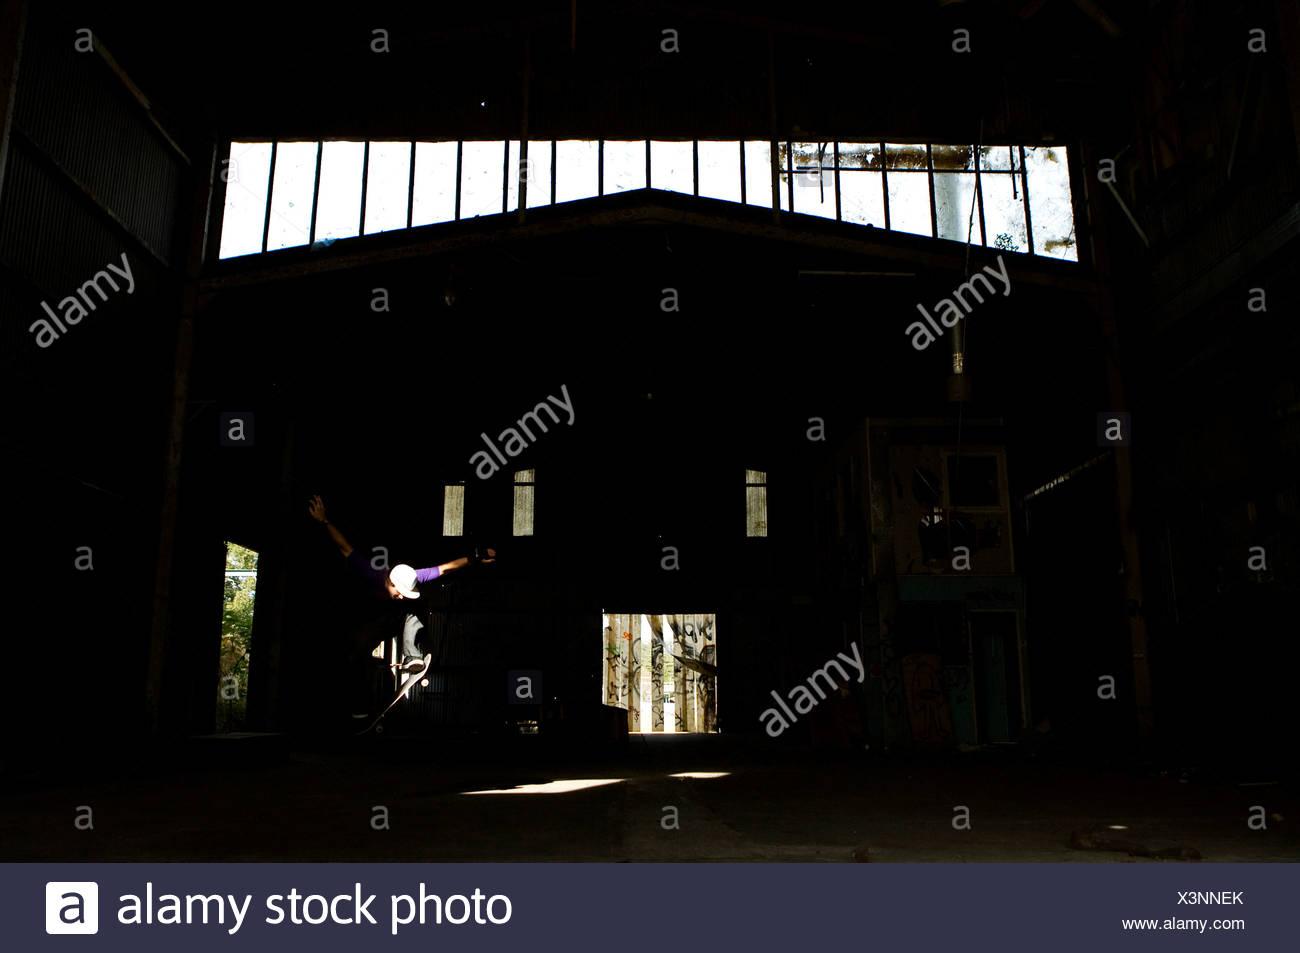 Un pattinatore ollies in un magazzino abbandonato sulla costa centrale, Nuovo Galles del Sud, Australia. Immagini Stock